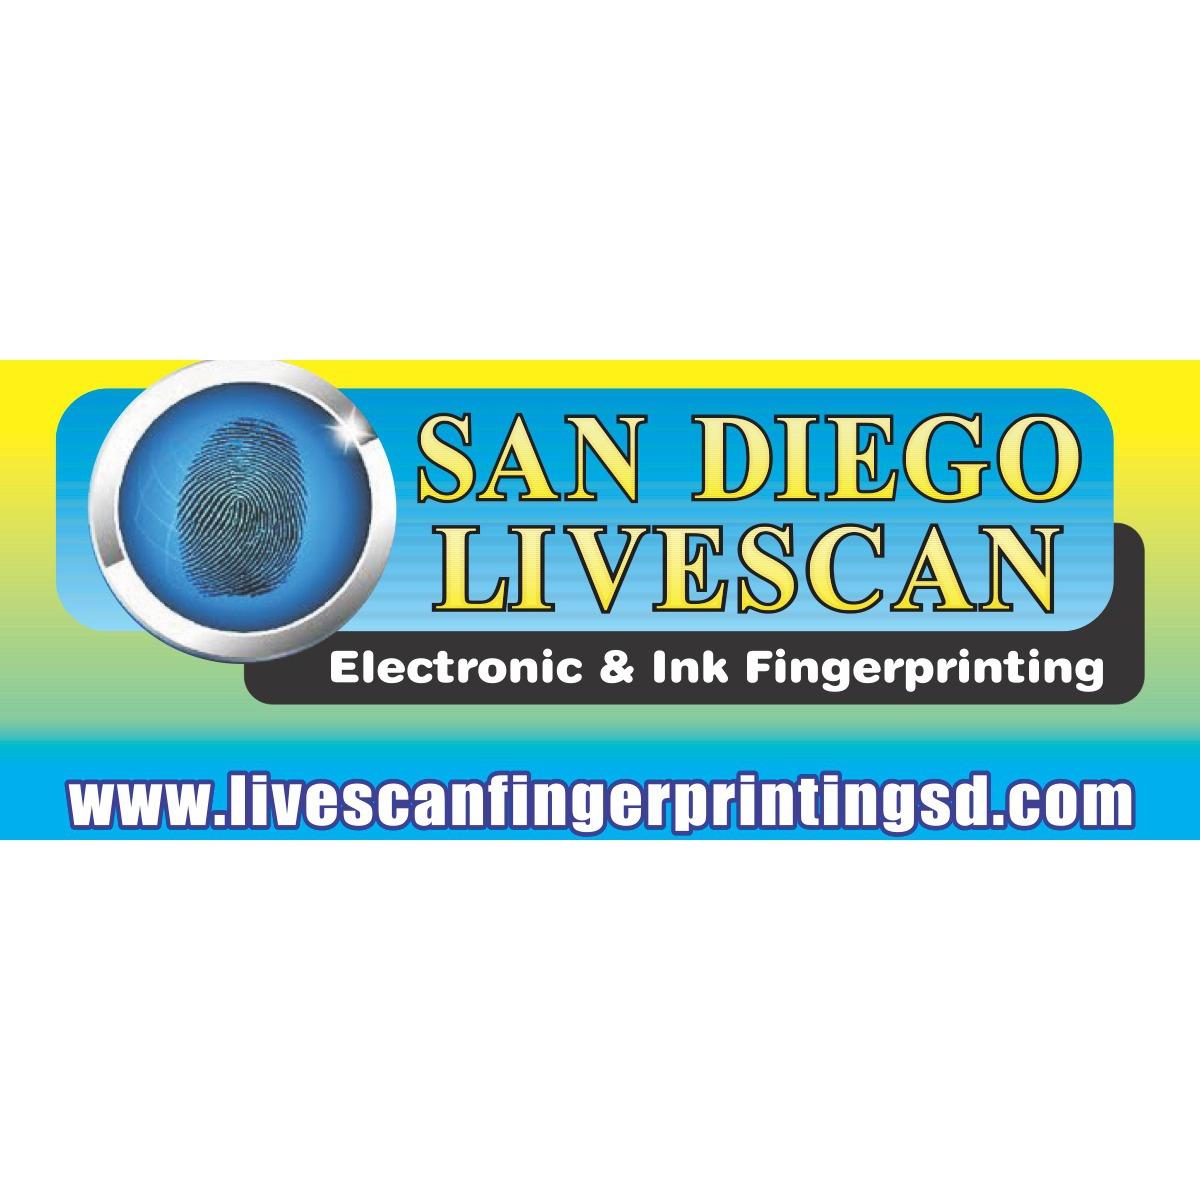 San Diego Livescan